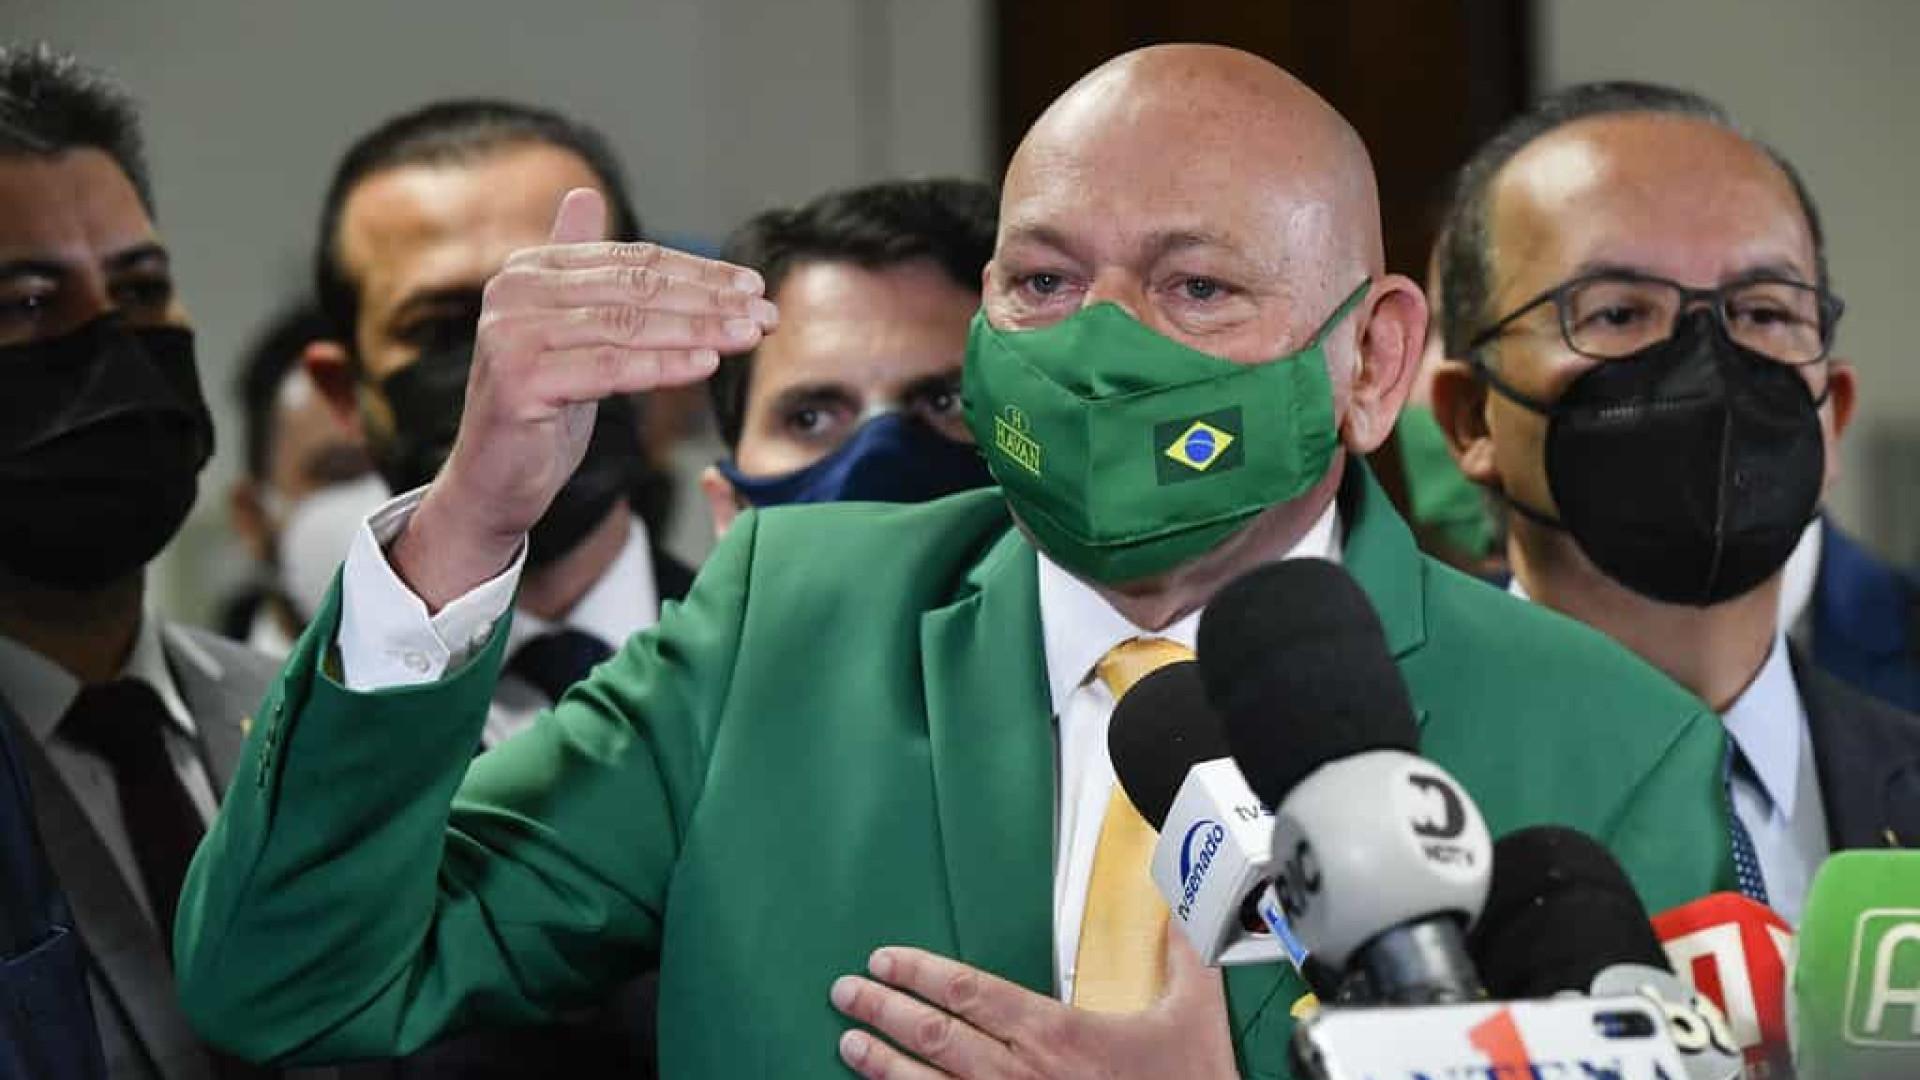 Hang recusa fazer juramento de não mentir à CPI, mas diz estar com a verdade ao seu lado